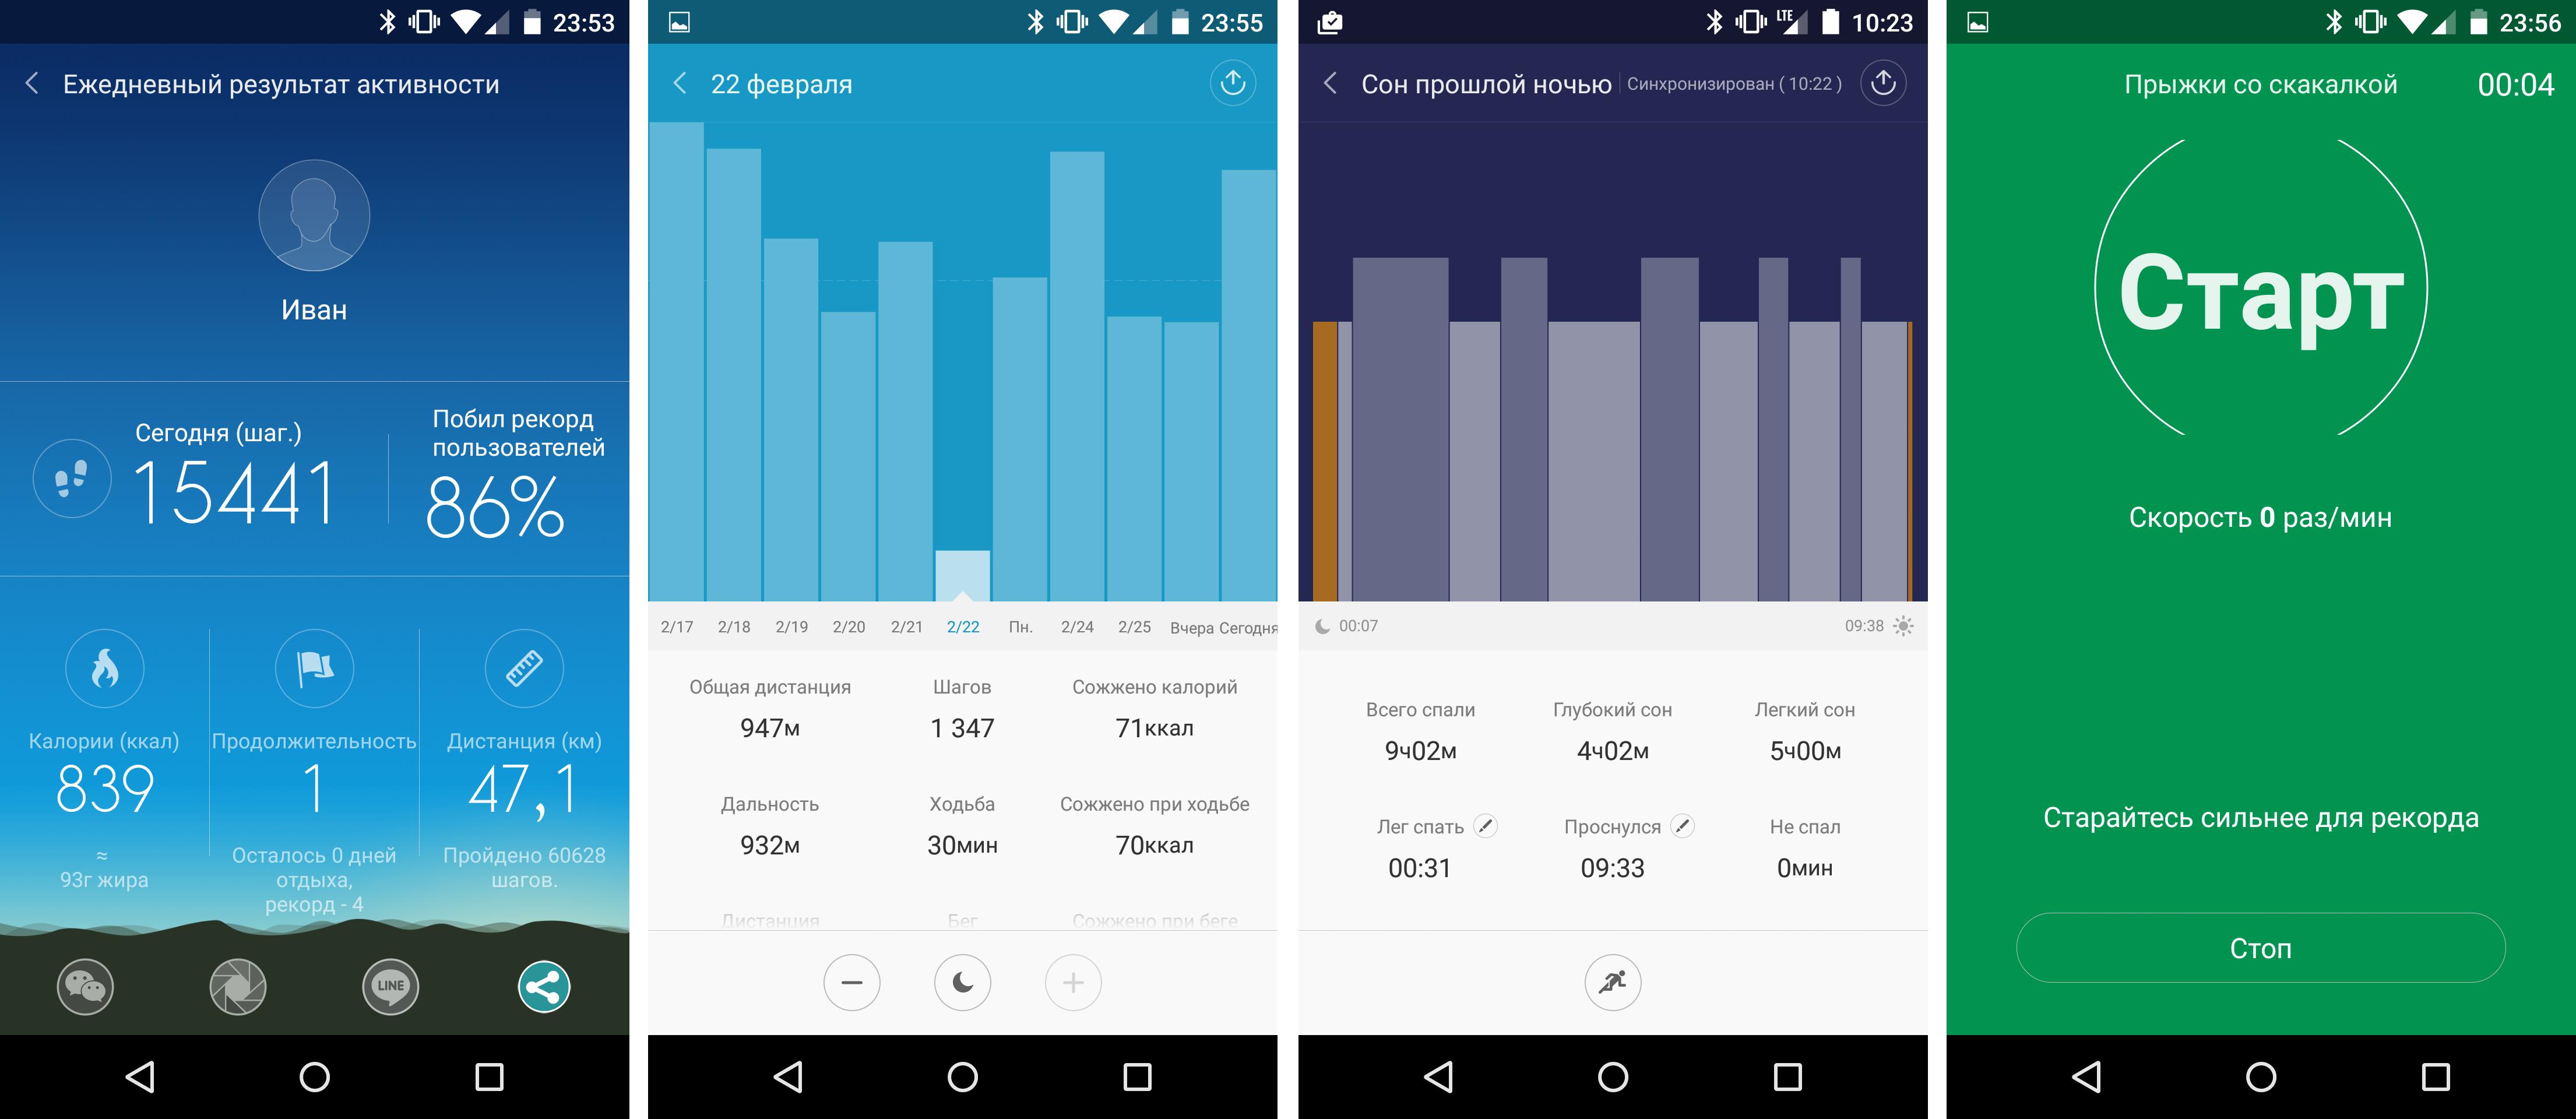 Новое приложение, безусловно, является самым необходимым для всех смартфонов xiaomi, поскольку с его помощью процесс установки официальных прошивок превращается в удовольствие, а не трату времени.